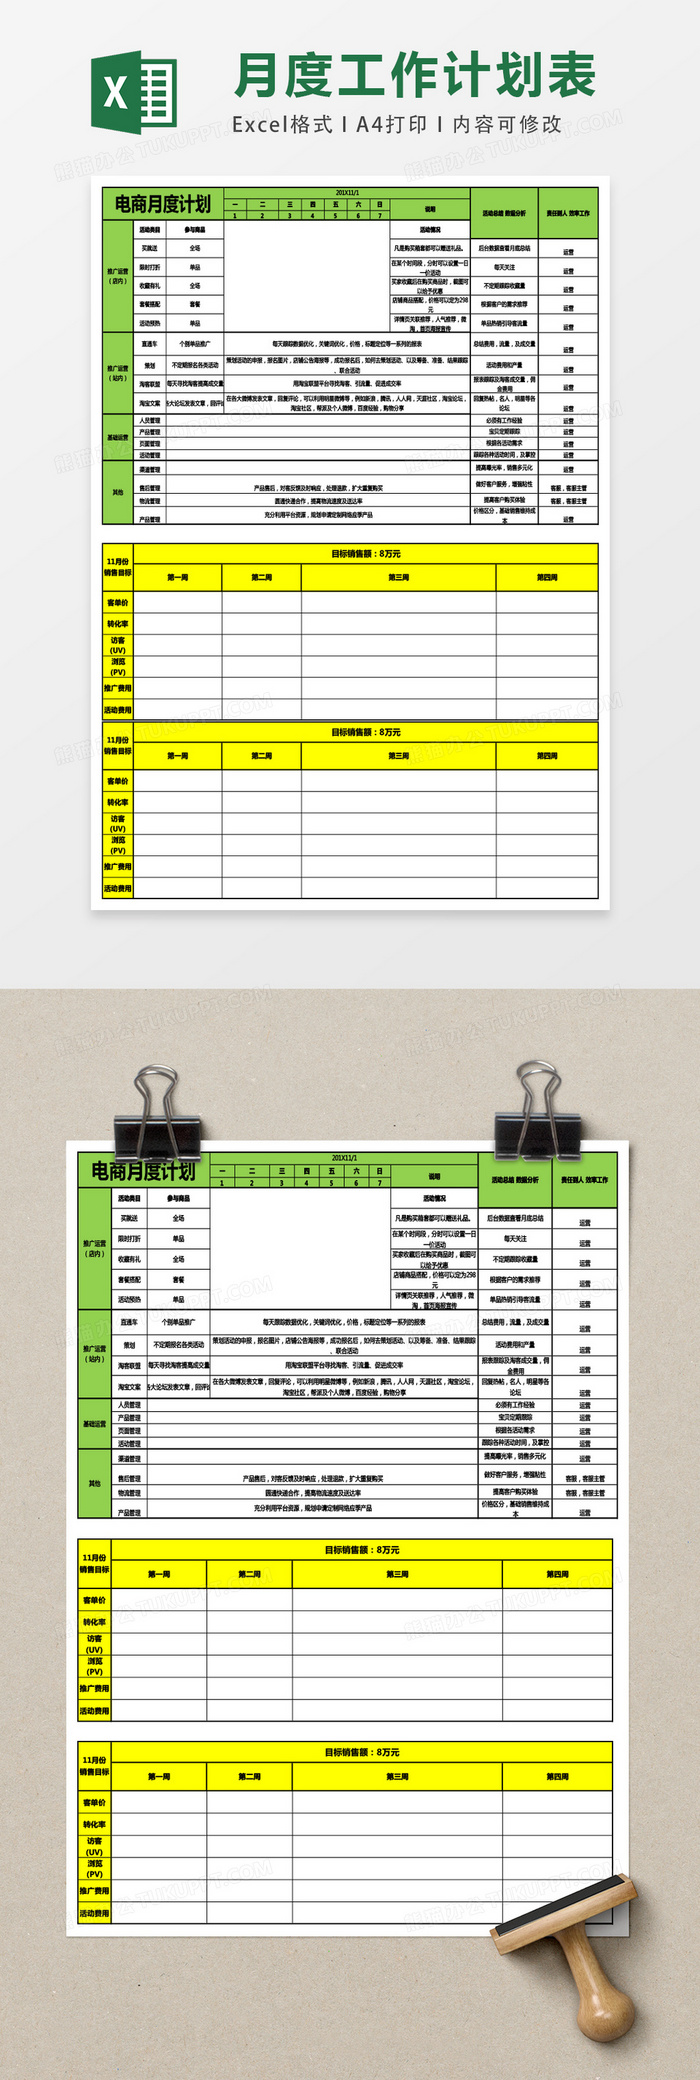 月度运营工作计划excel表格模板